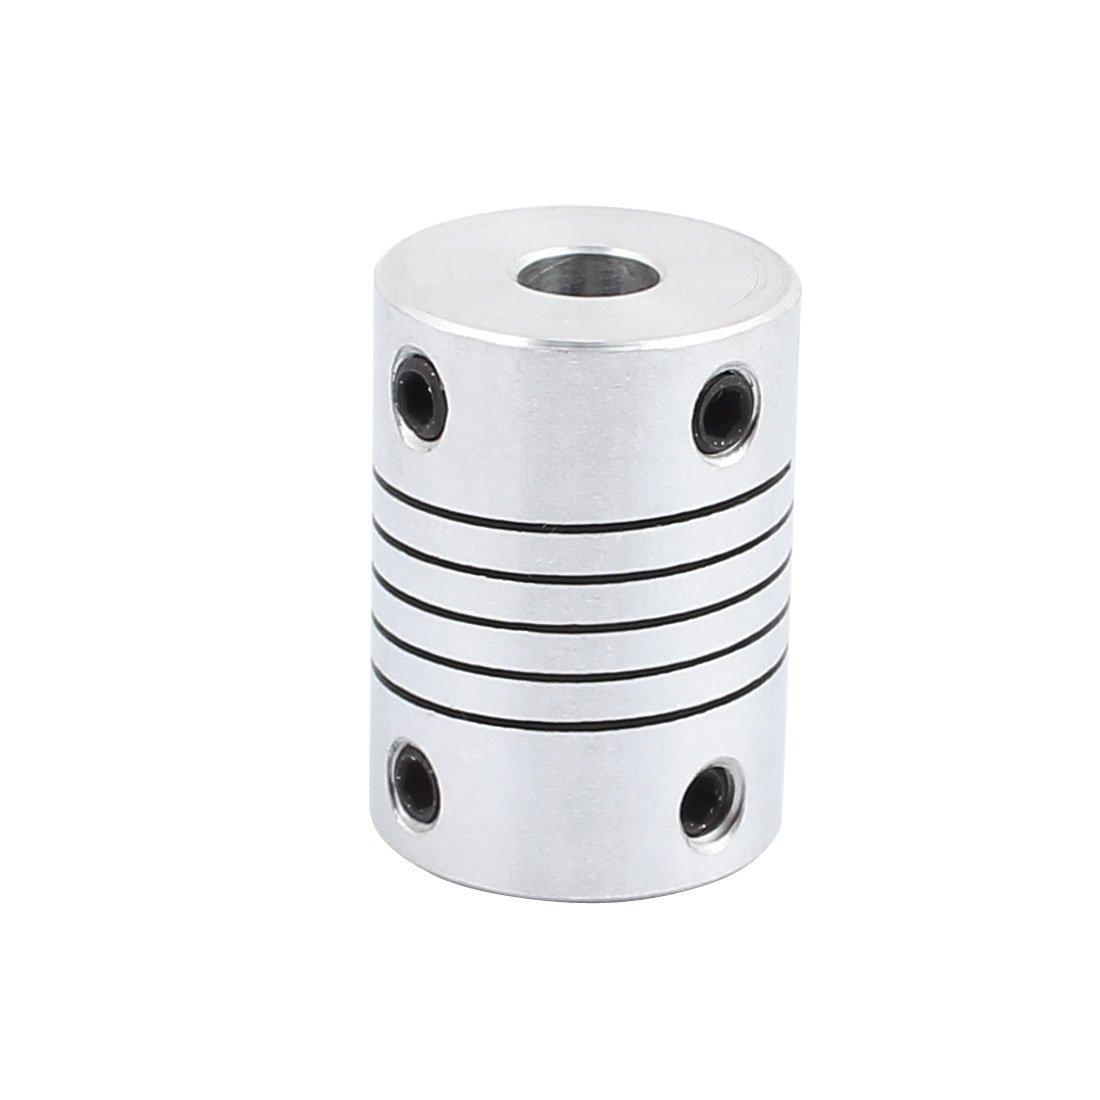 uxcell シャフトカップリング 6mm-6mm D18L25 アルミニウム合金